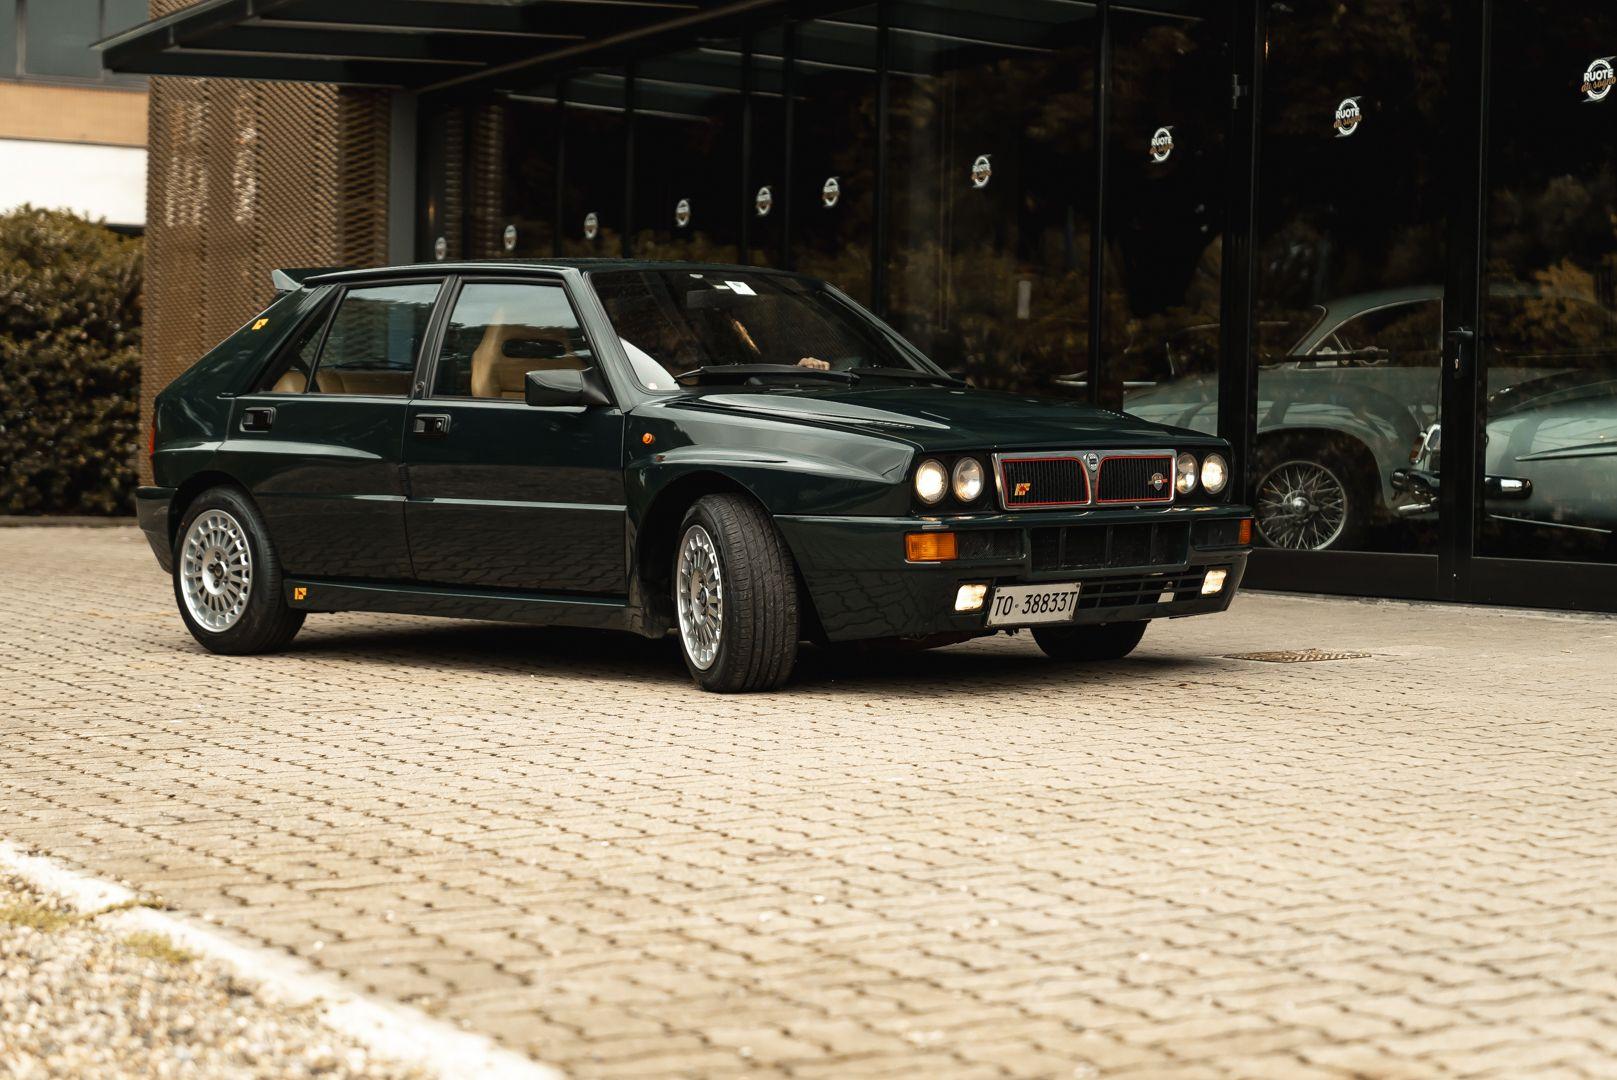 1992 Lancia Delta HF Integrale 16V Evo 1 - 79/250 84847